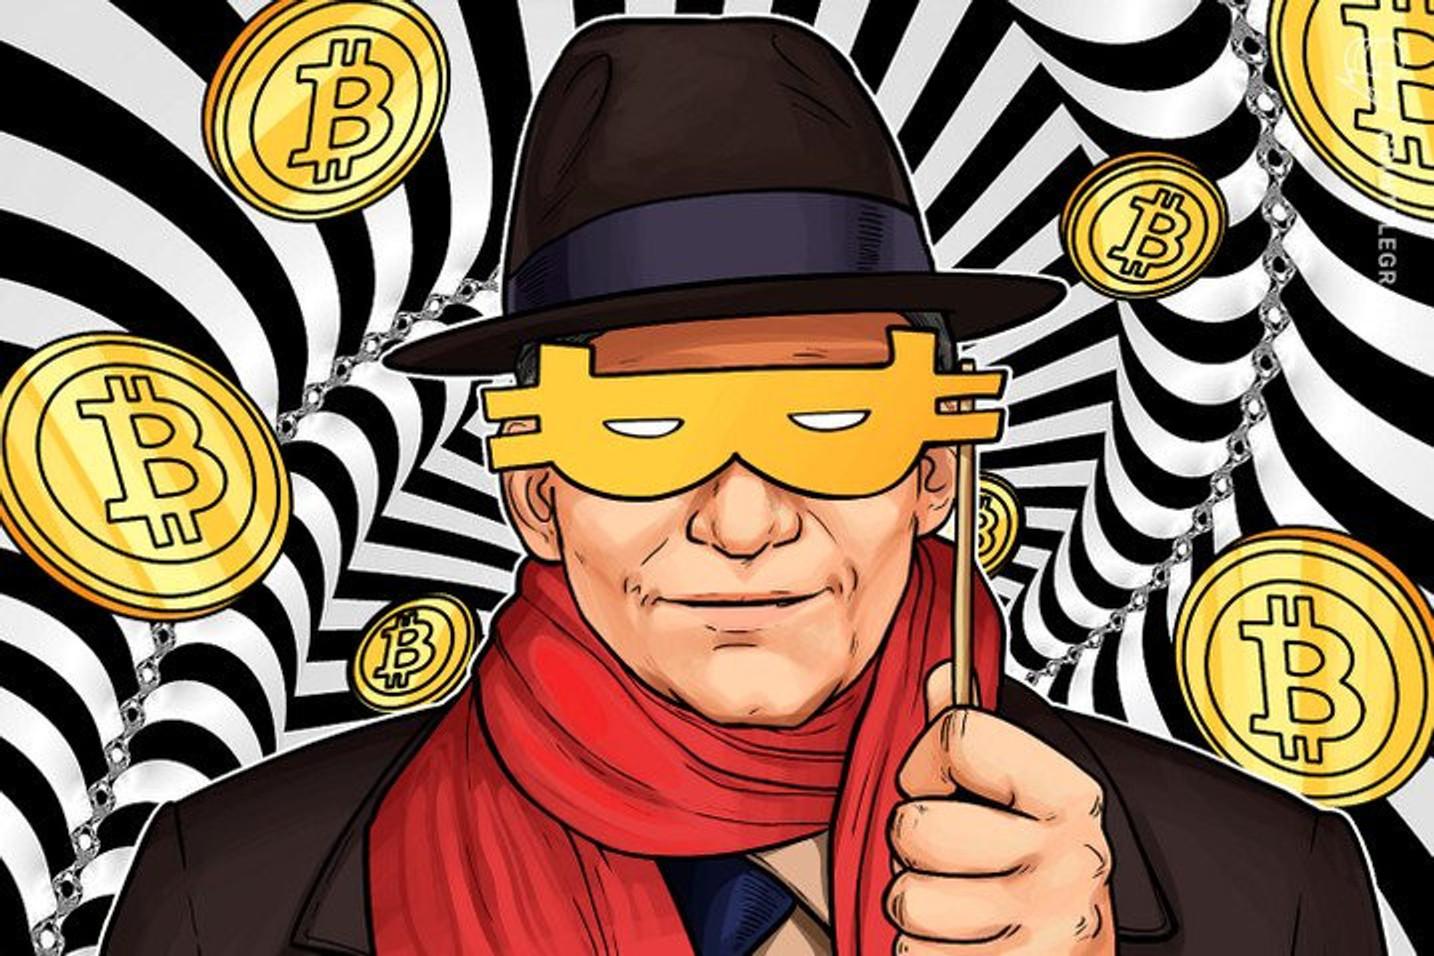 ¿Satoshi Nakamoto? 50 Bitcoins generados en el bloque 3654 y congelados desde febrero de 2009 son movidos